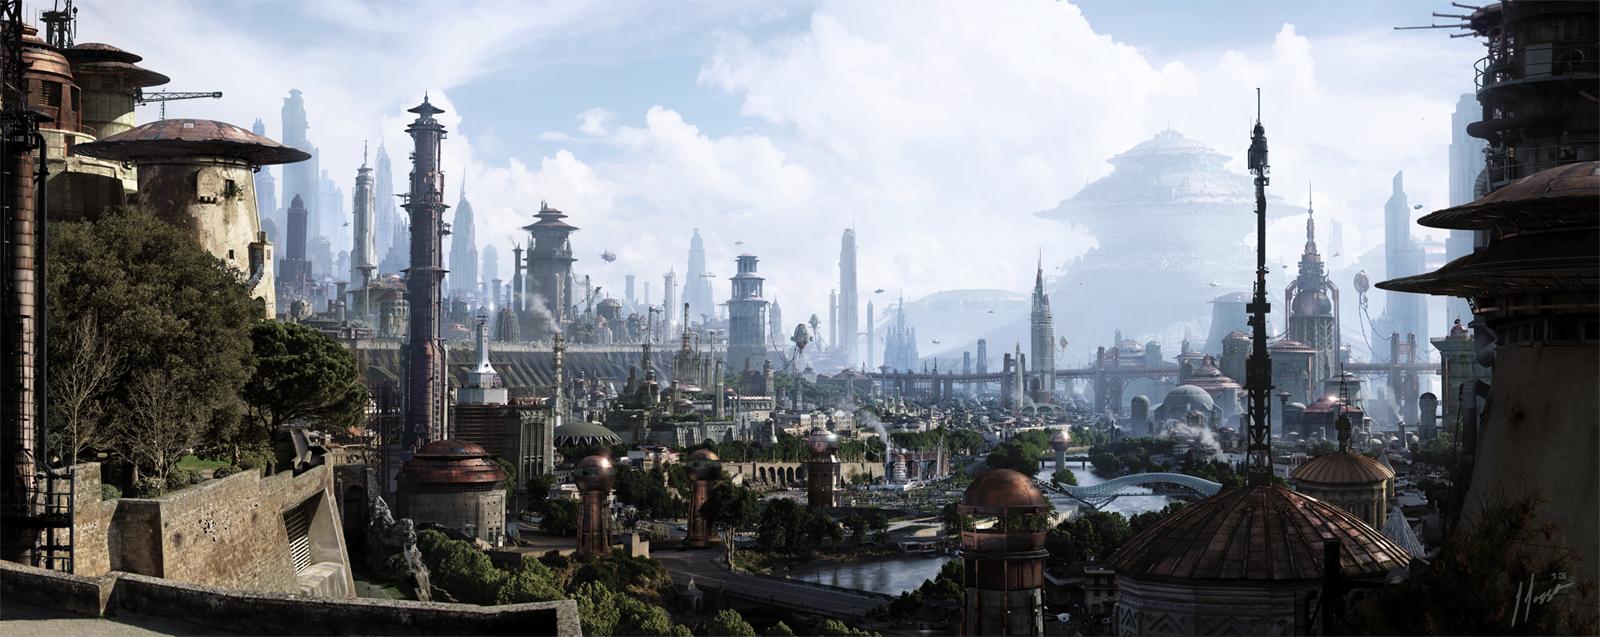 Coppernia city